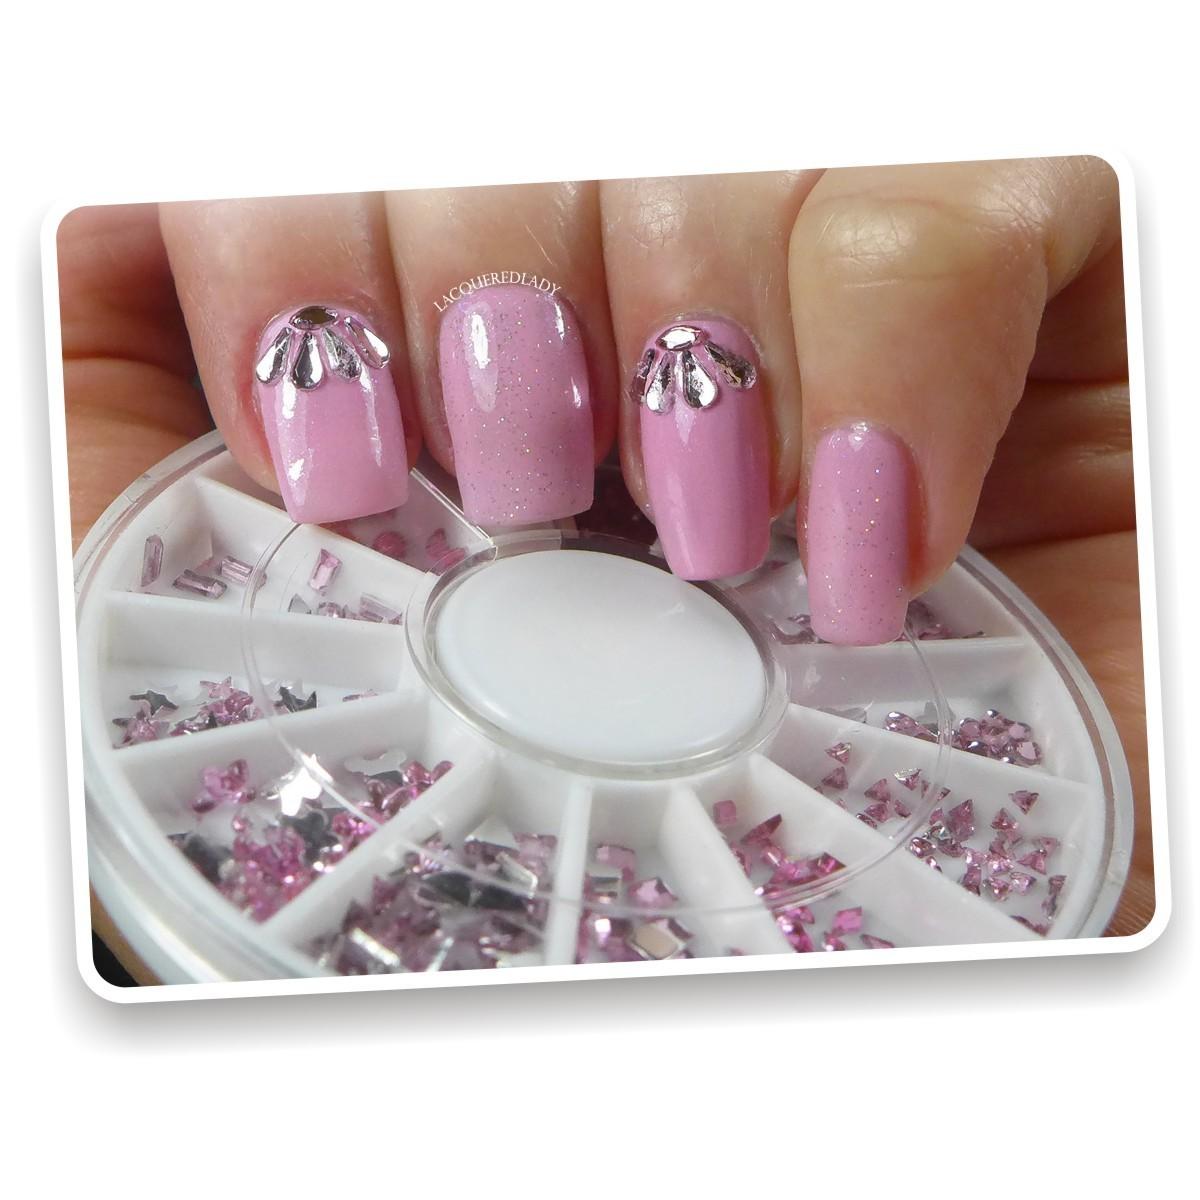 Kit Carrusel de decorativos gemas cristales y aplicativos para u as